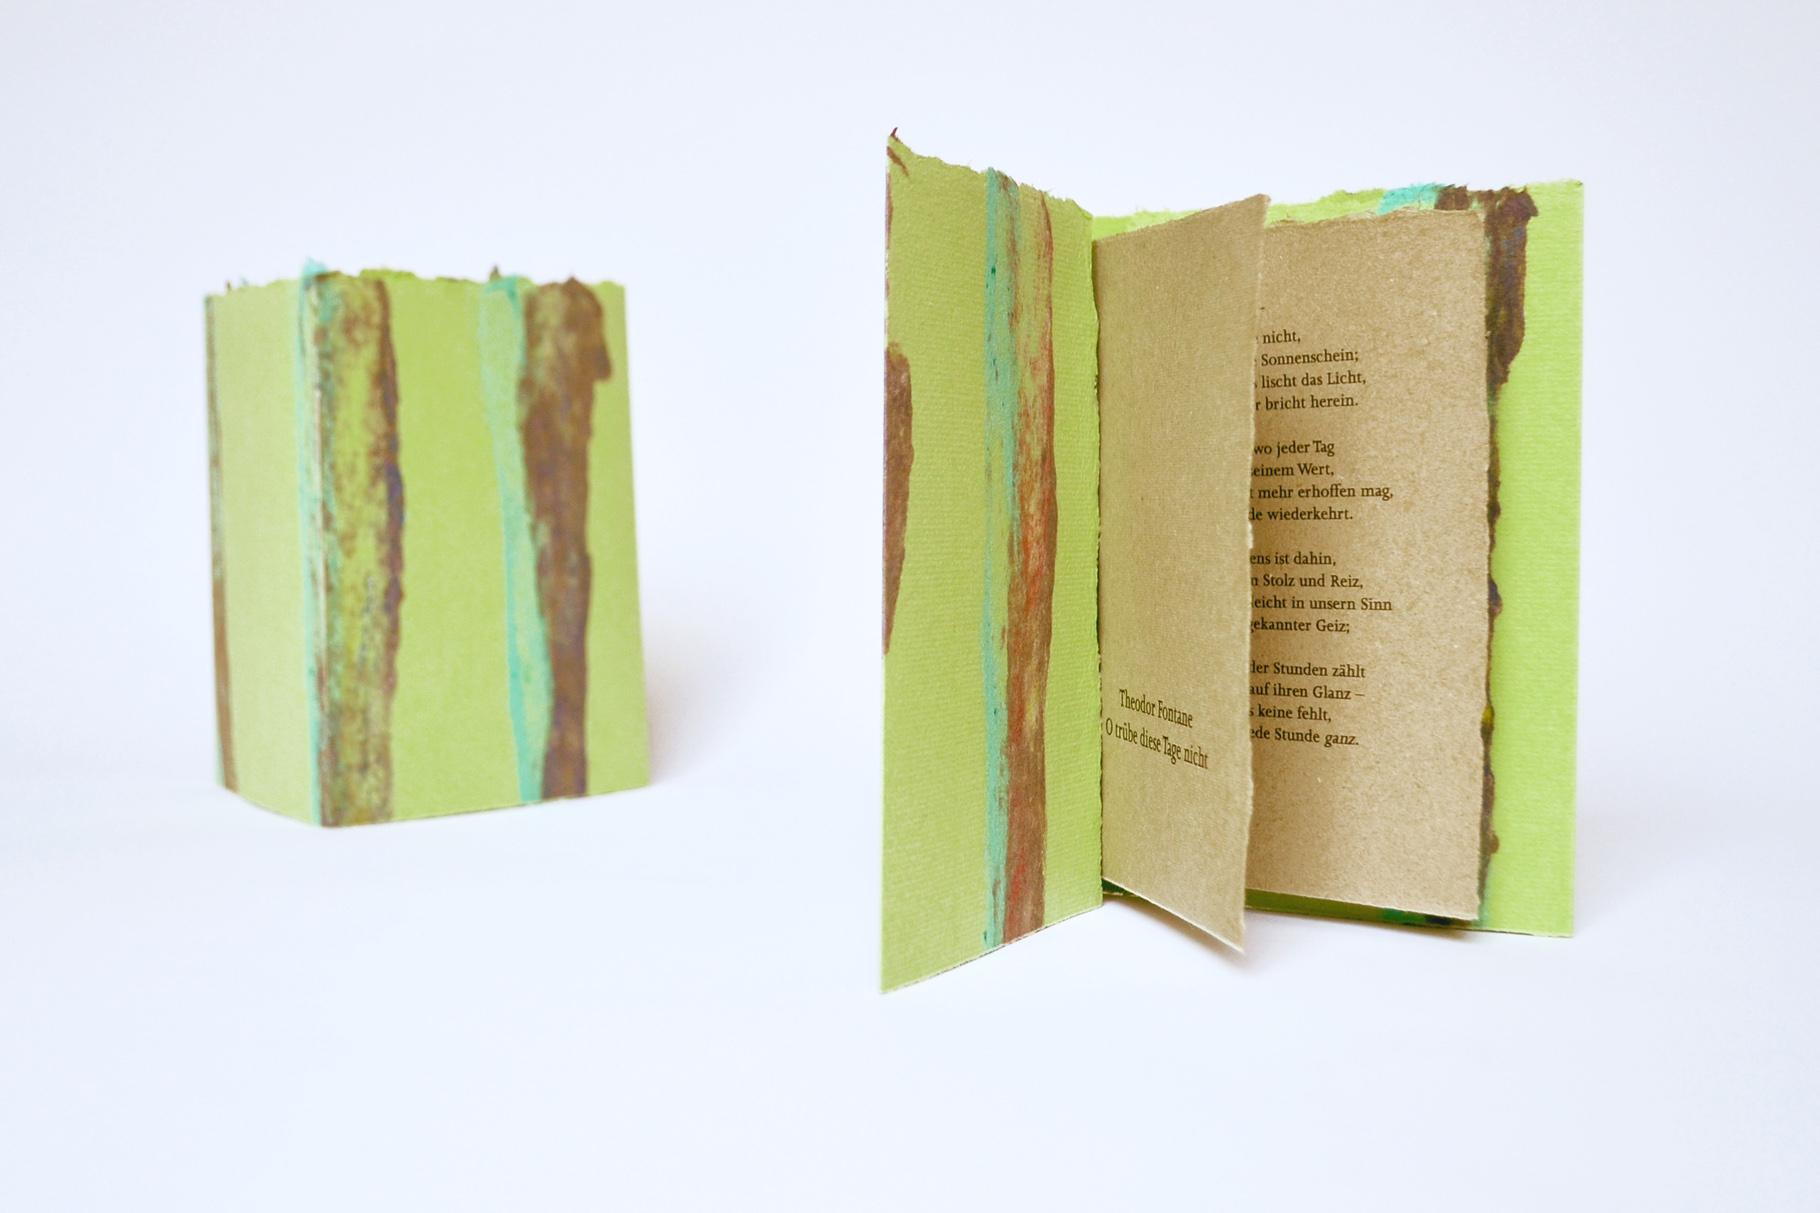 """""""O trübe diese Tage nicht"""" (2018) - Ein Heft, gestaltet von John Gerard mit einem Gedicht von Theodor Fontane"""